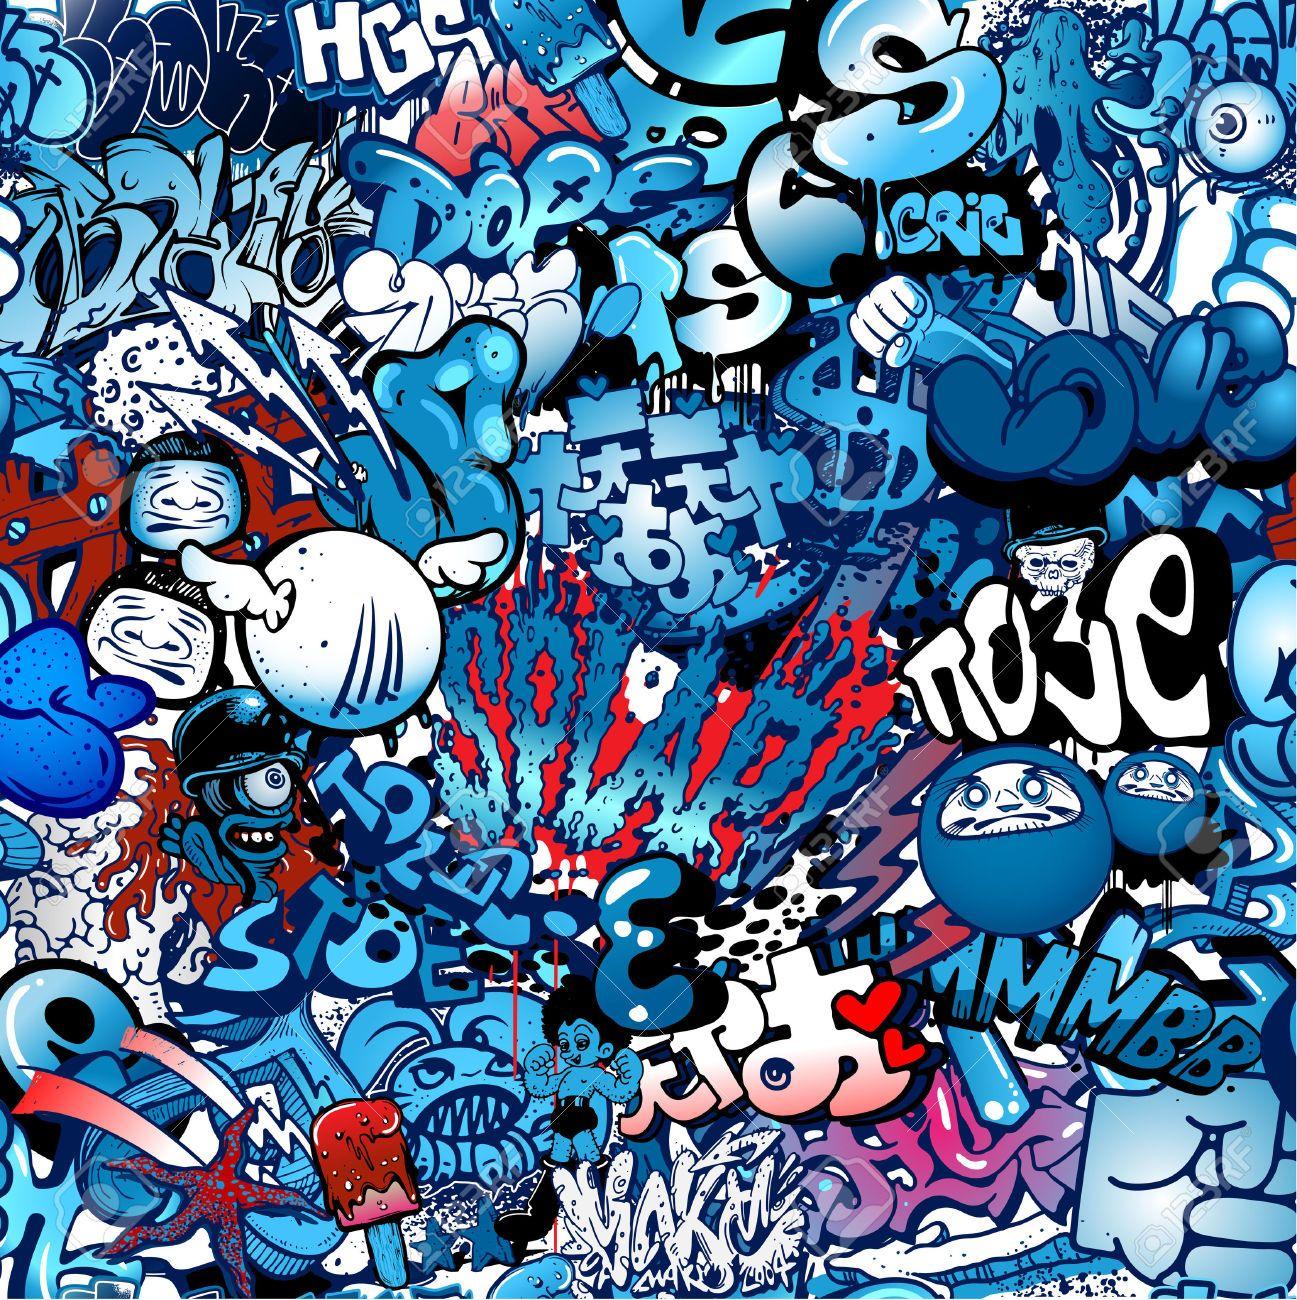 31279936-Graffiti-street-art-Stock-Vector-grunge-graffiti